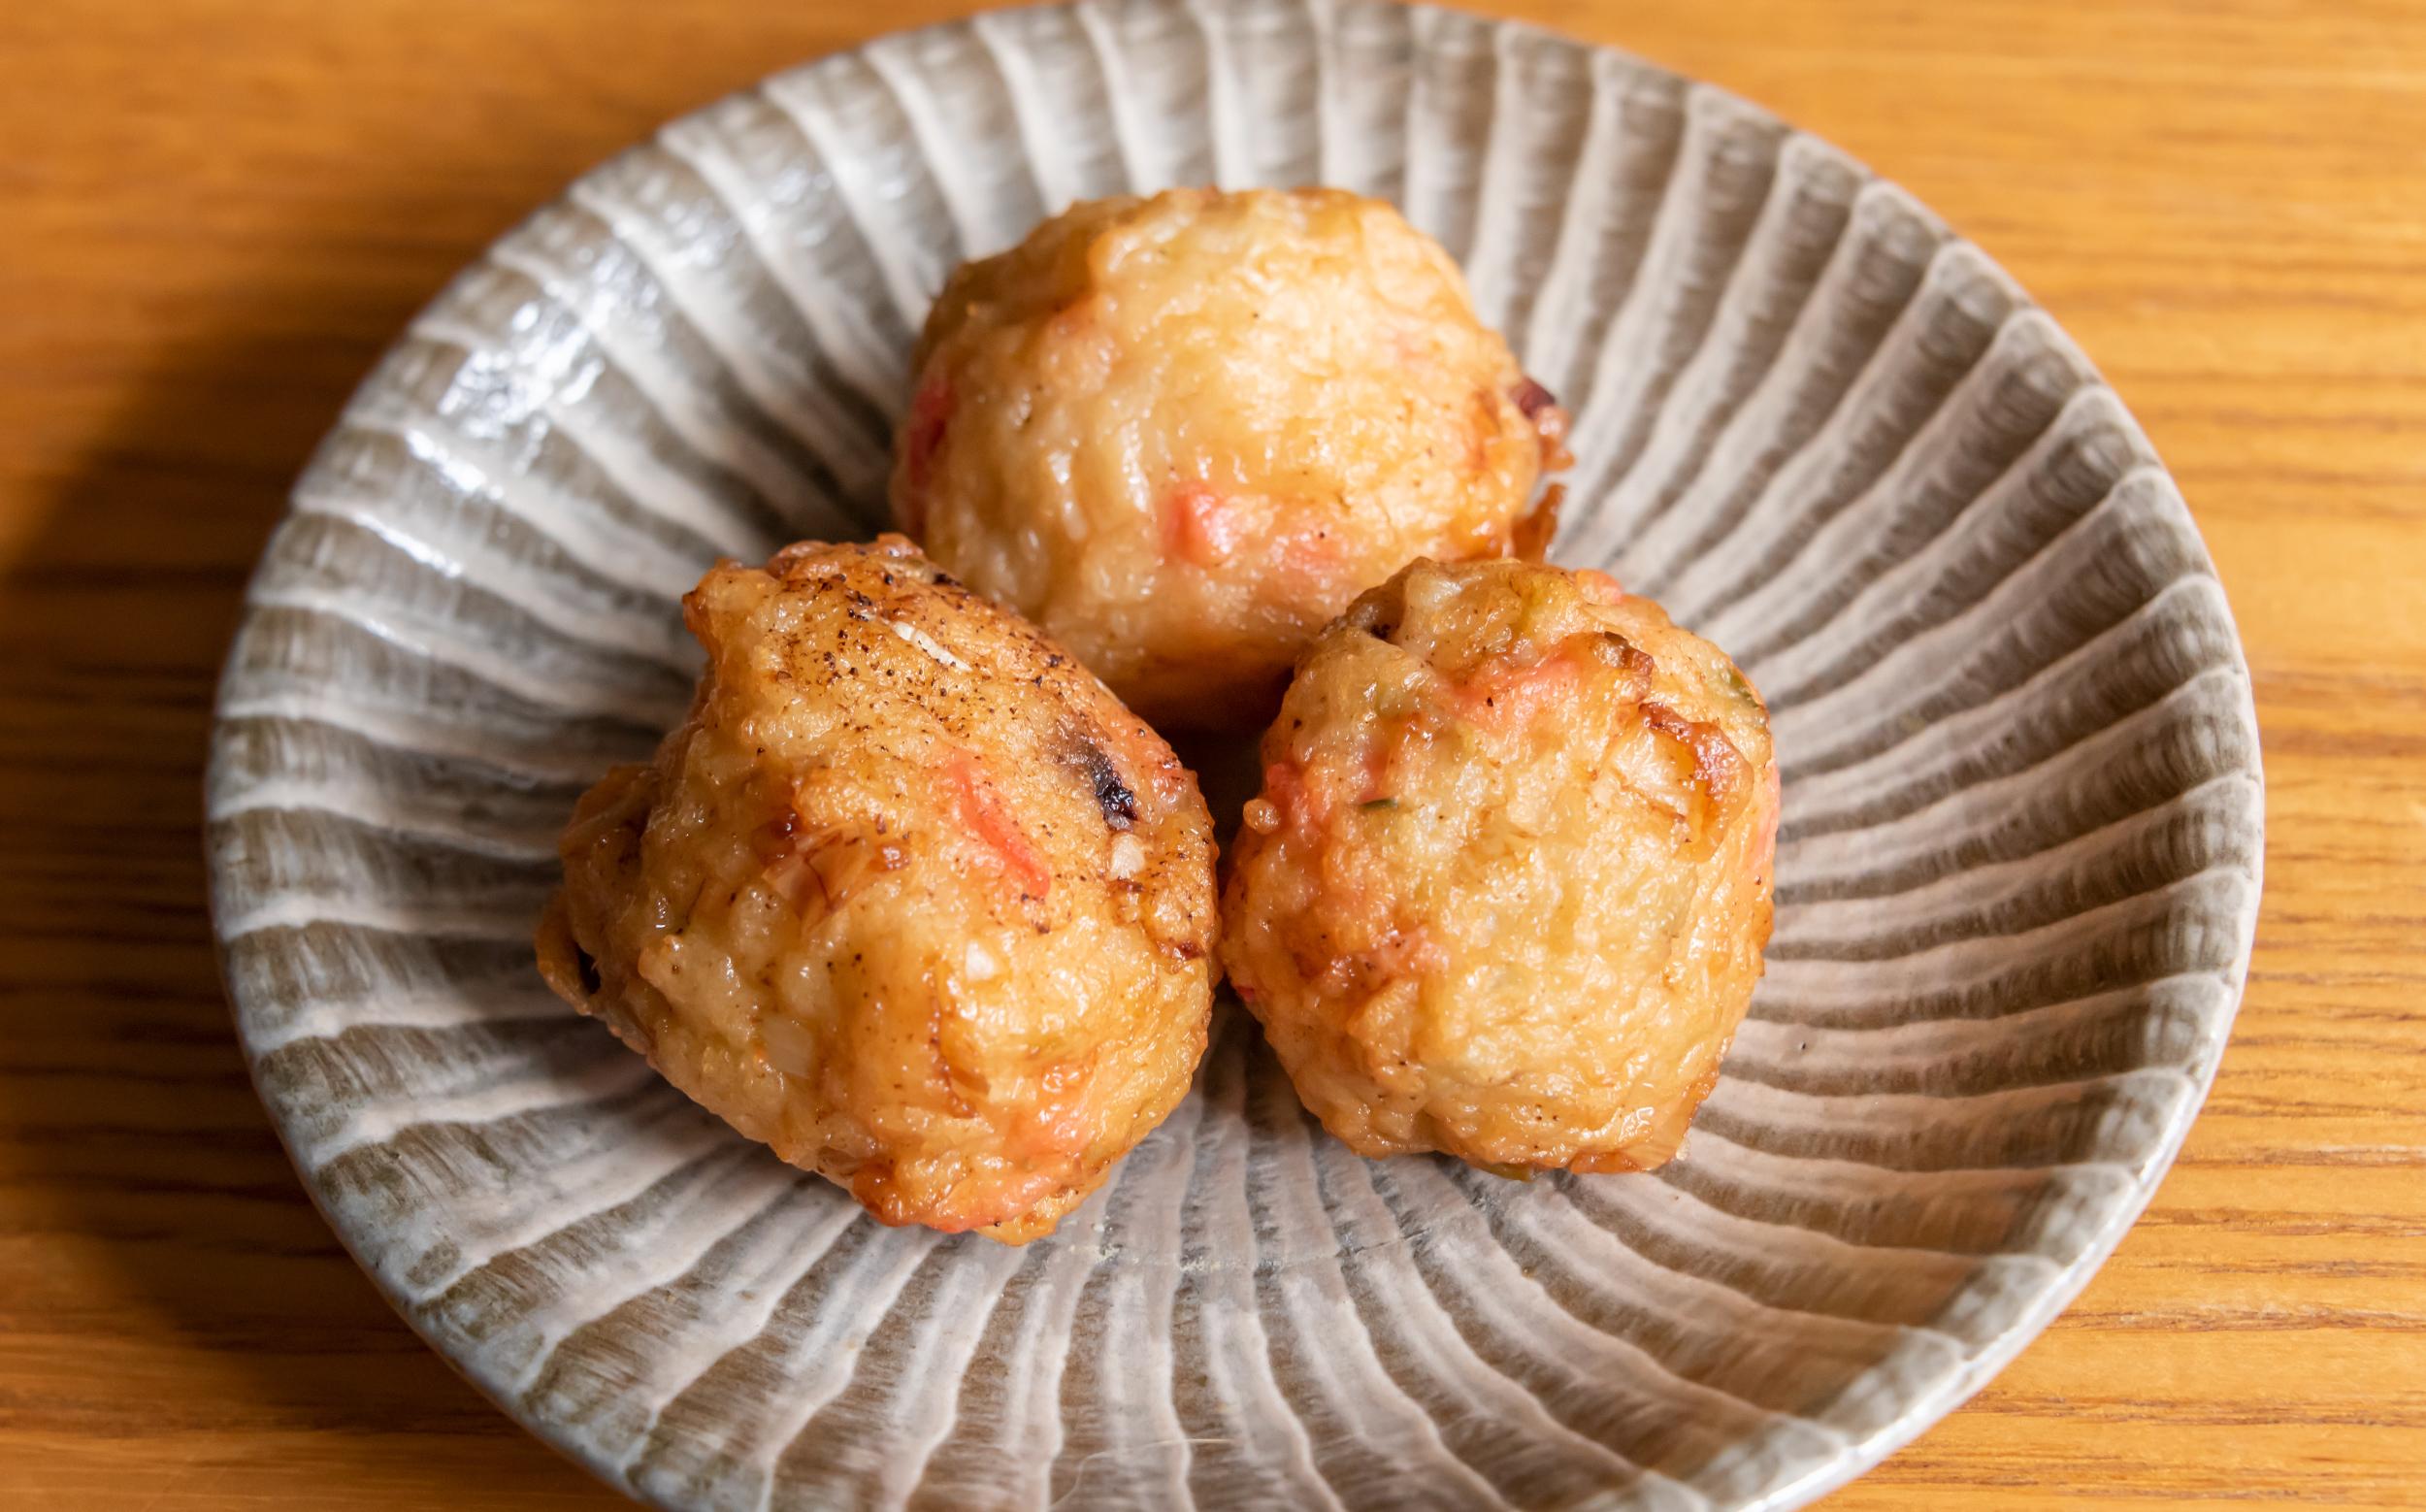 武田総菜店(東京都世田谷区等々力)のお惣菜:タコボール